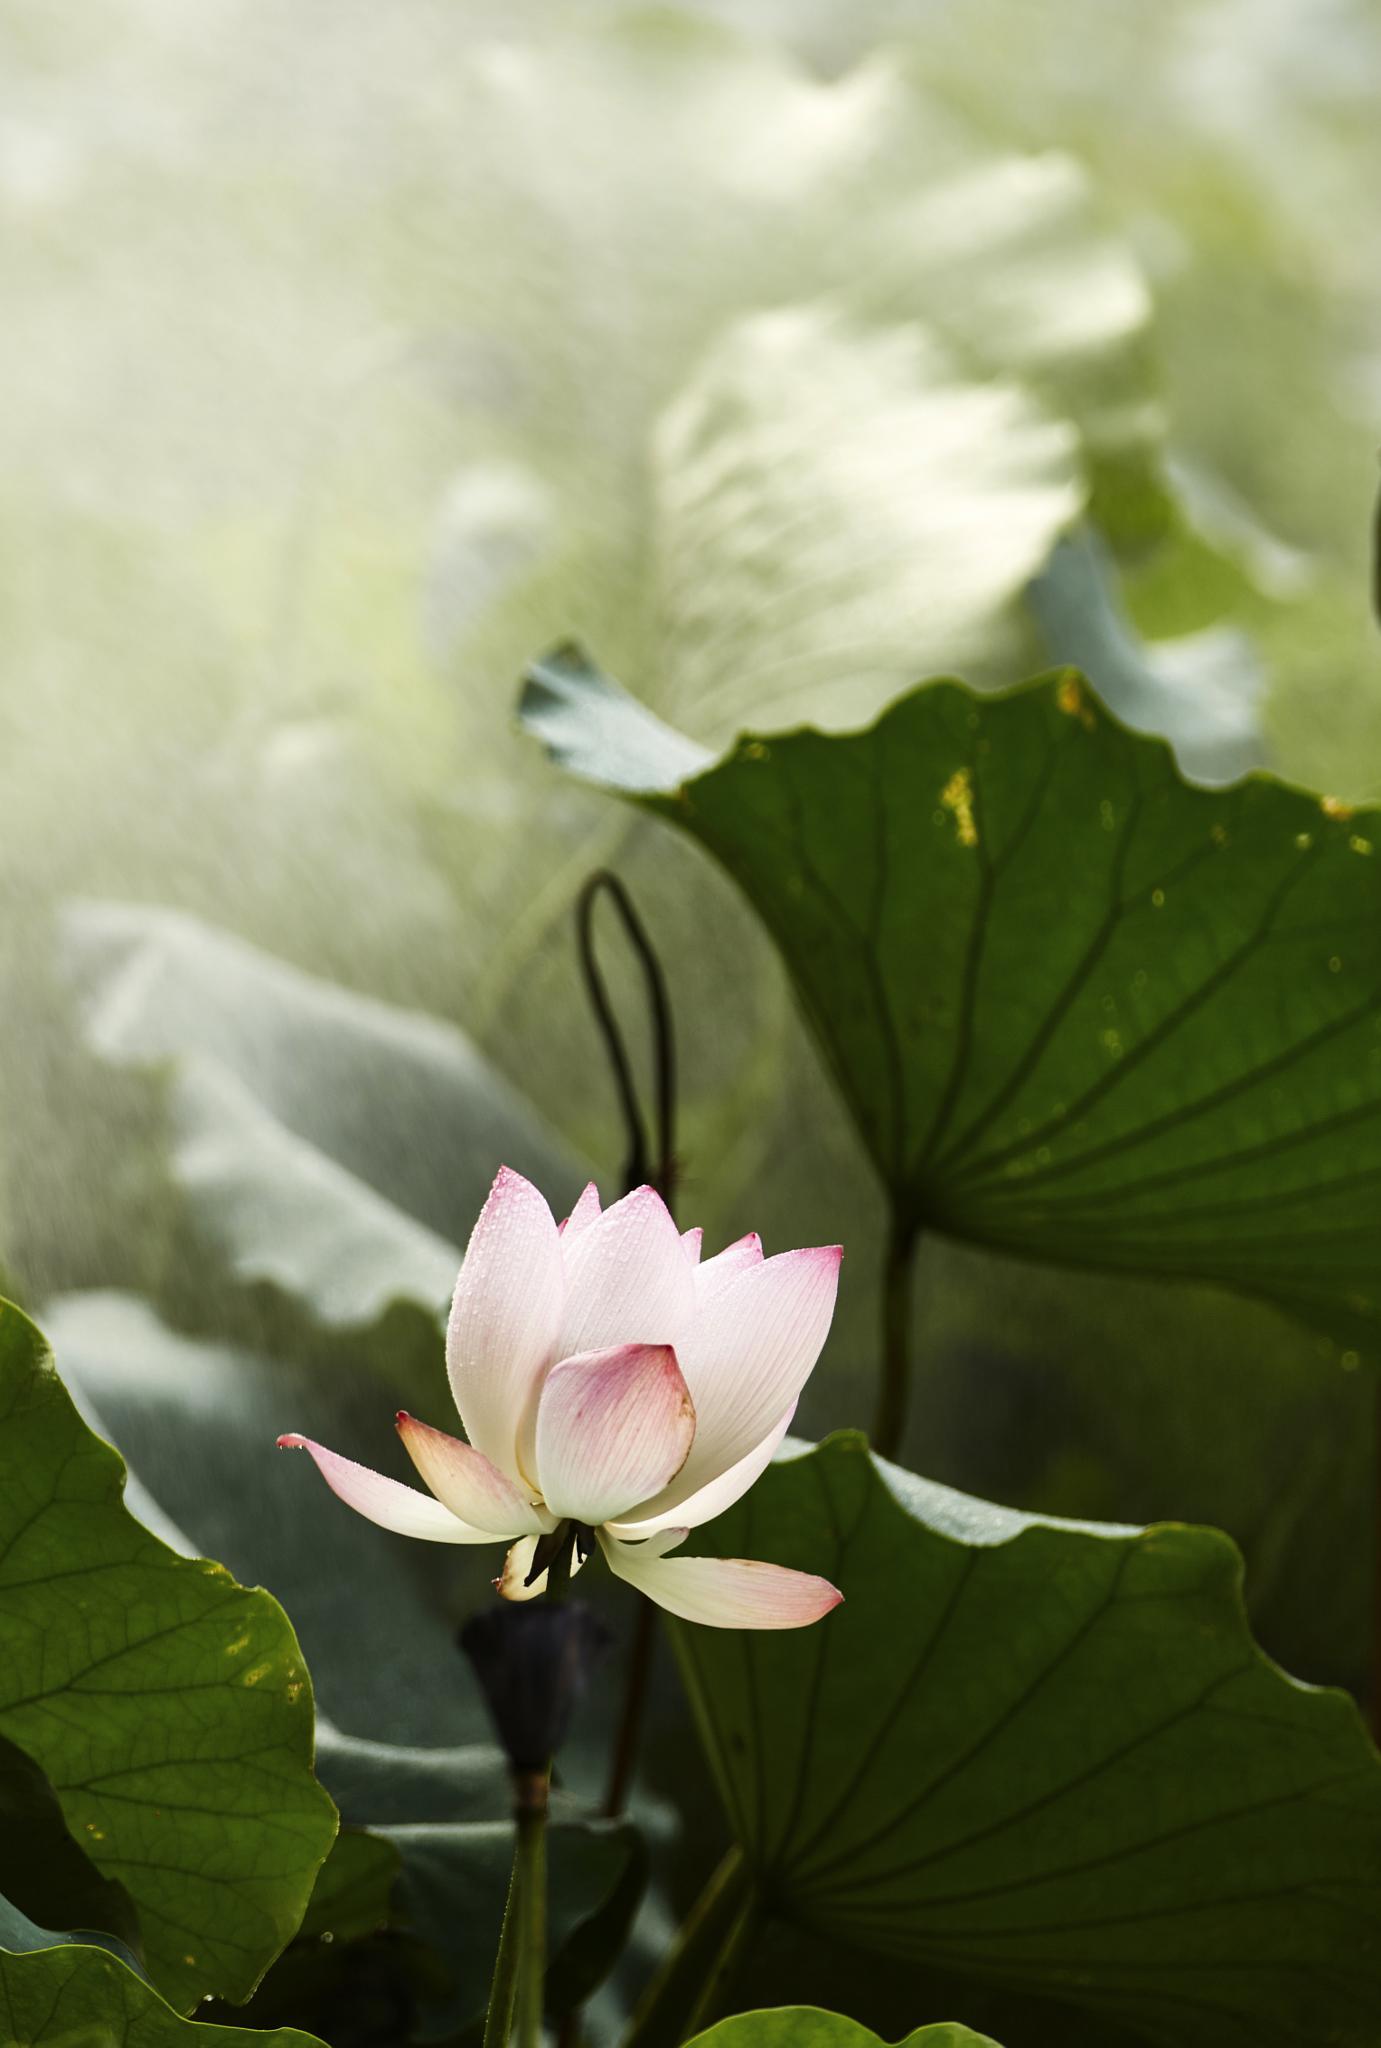 lotus in the mist 03 by PatrickLeeKKAh9